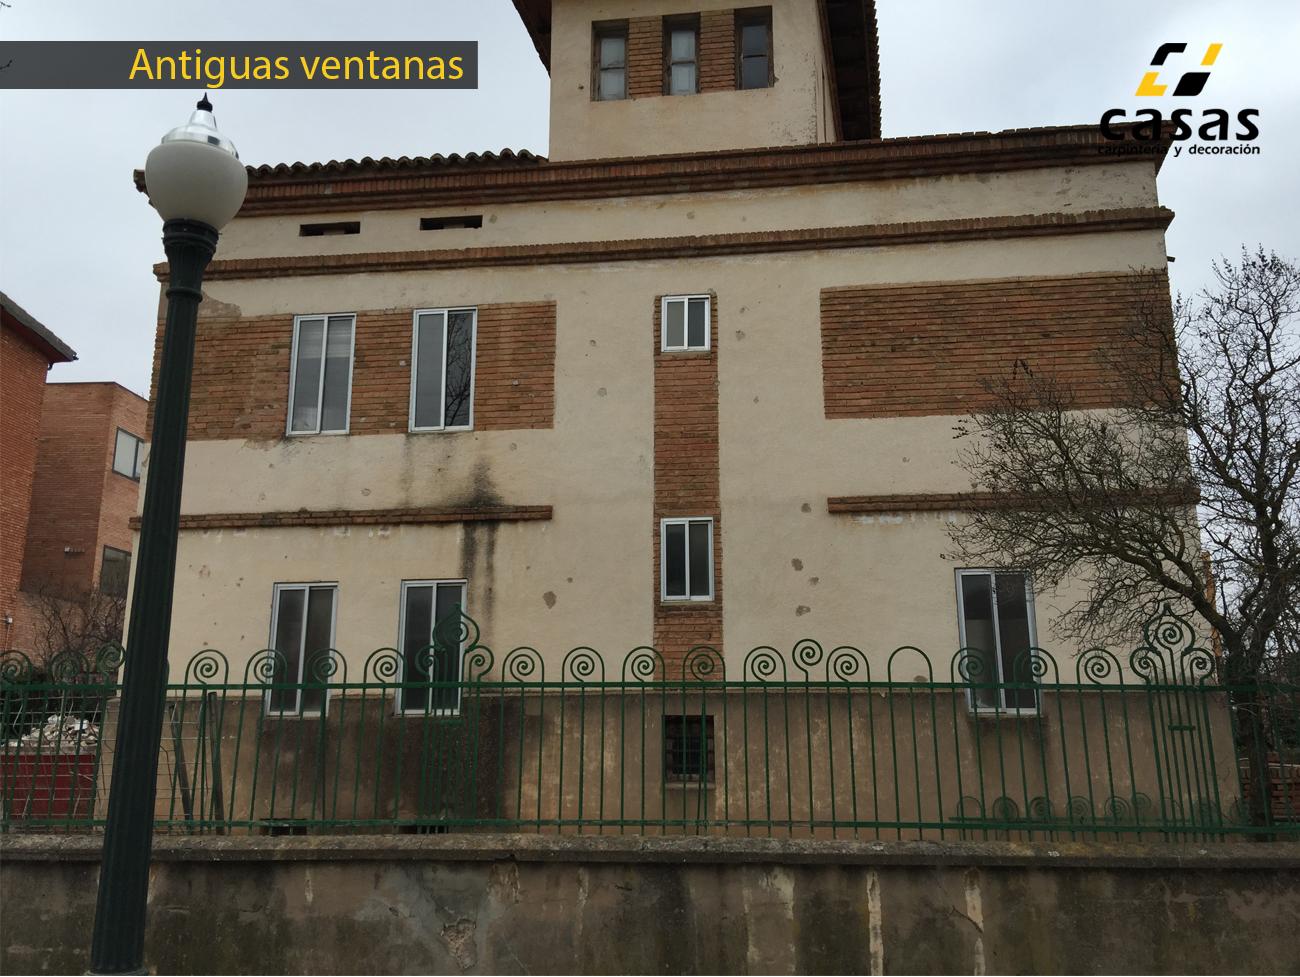 Teruel 11 casas carpinter a y decoraci n - Carpinteria casas ...